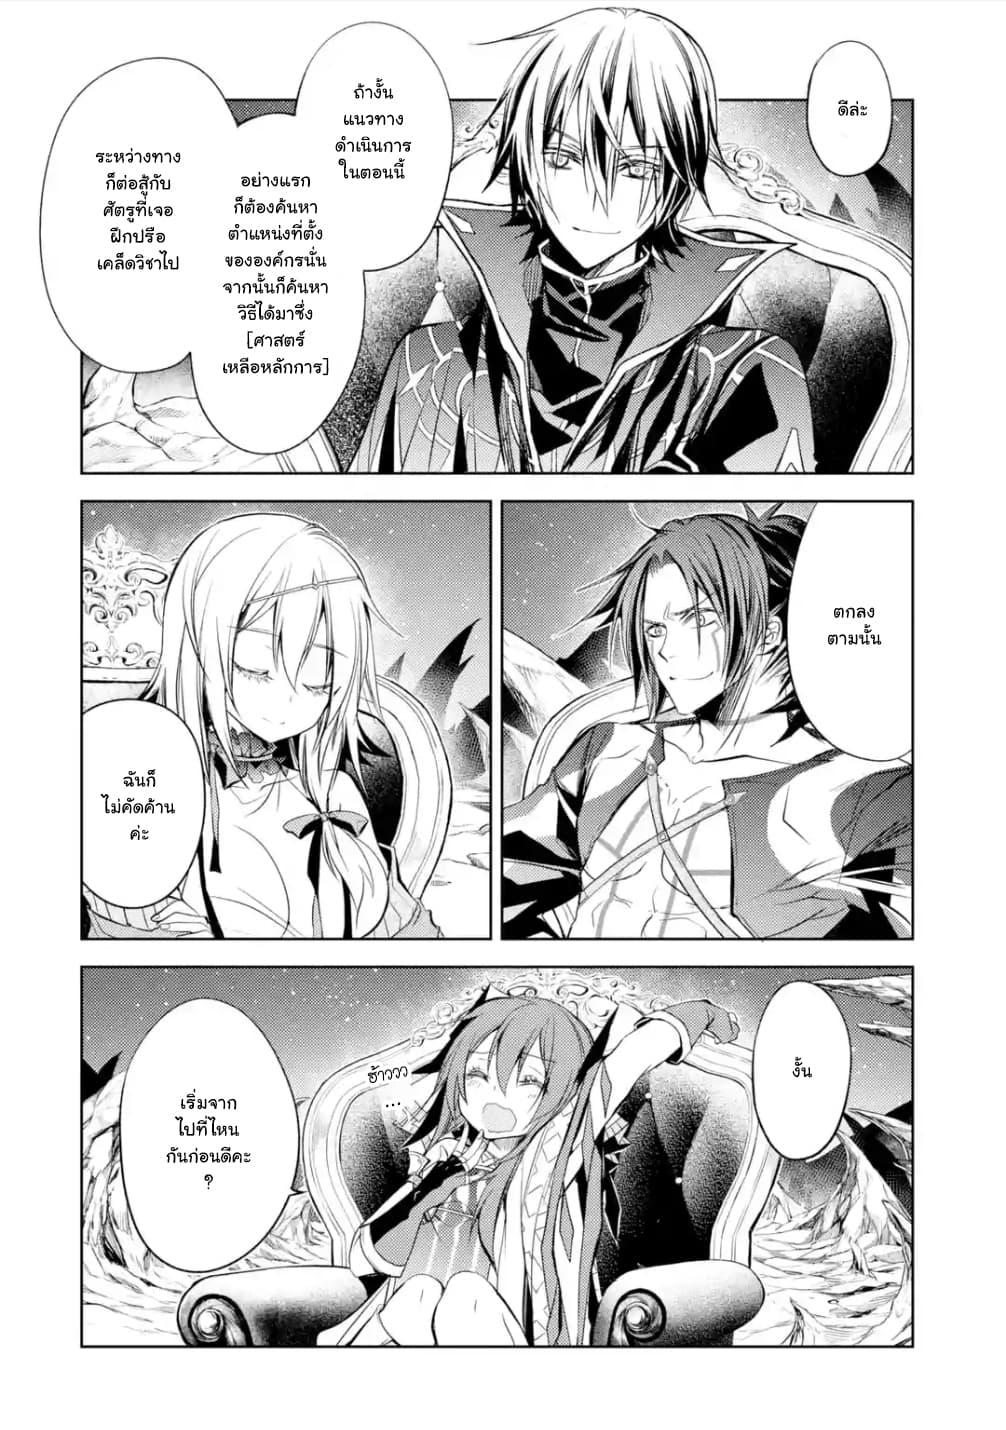 อ่านการ์ตูน Senmetsumadou no Saikyokenja ตอนที่ 4.4 หน้าที่ 3